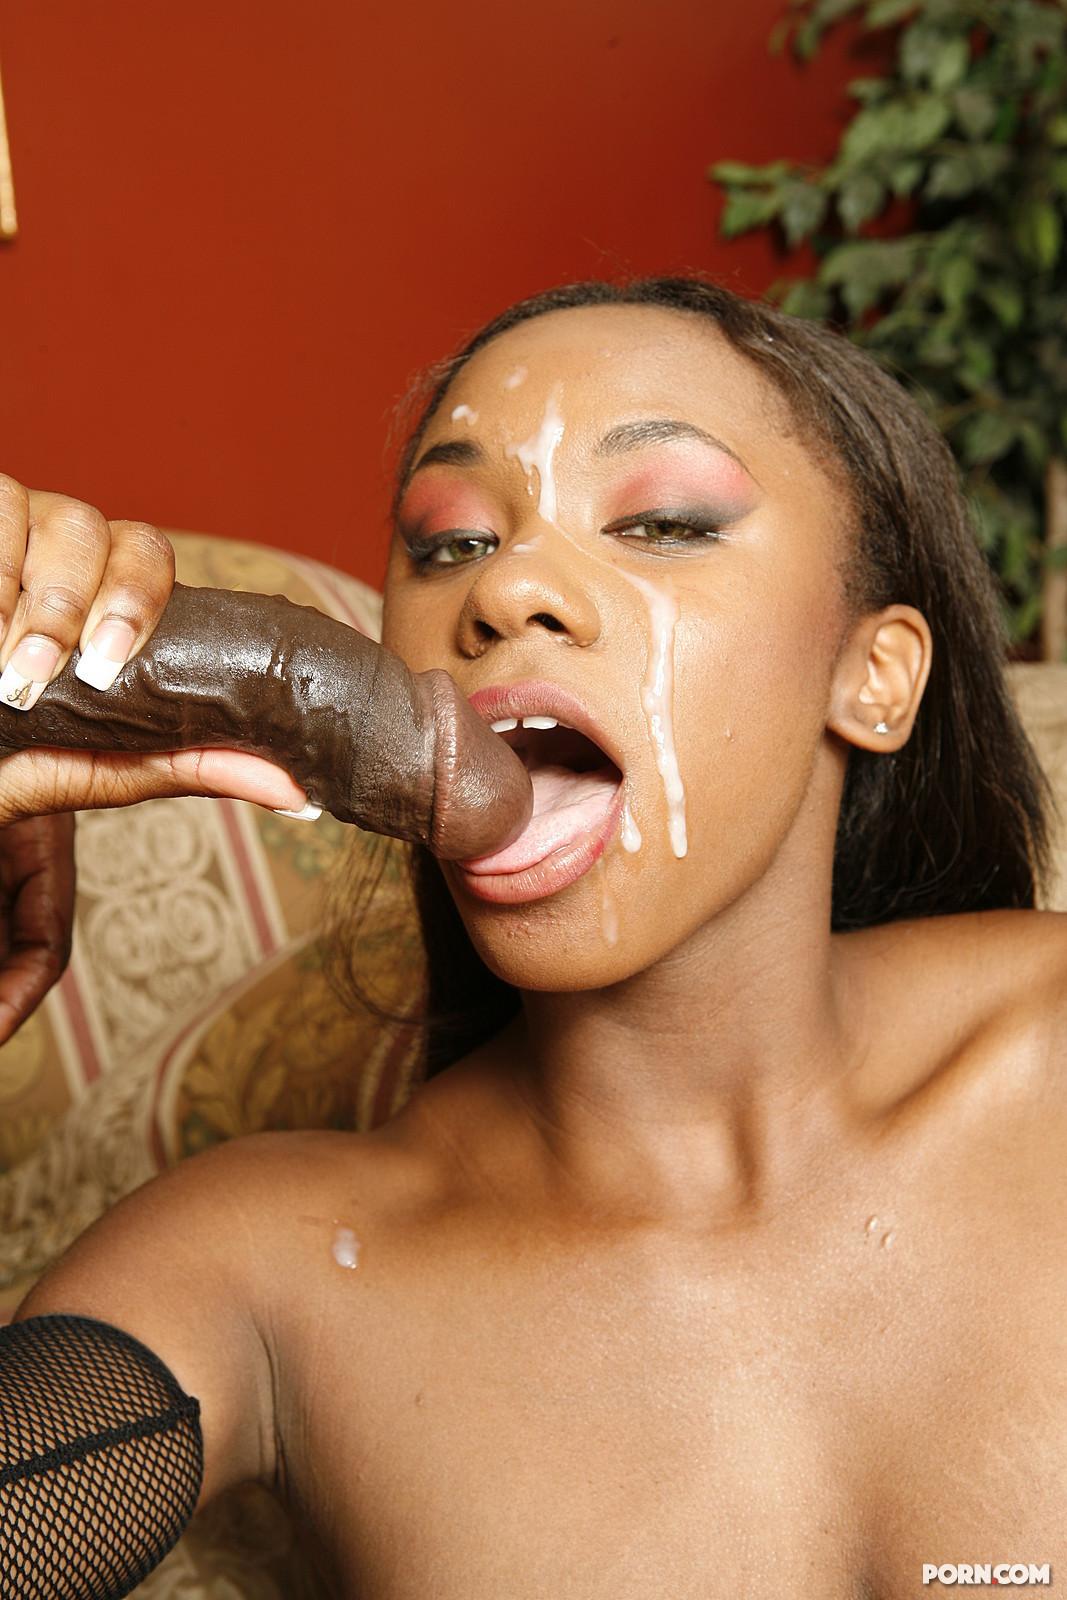 Черный девушки порно фото 11 фотография